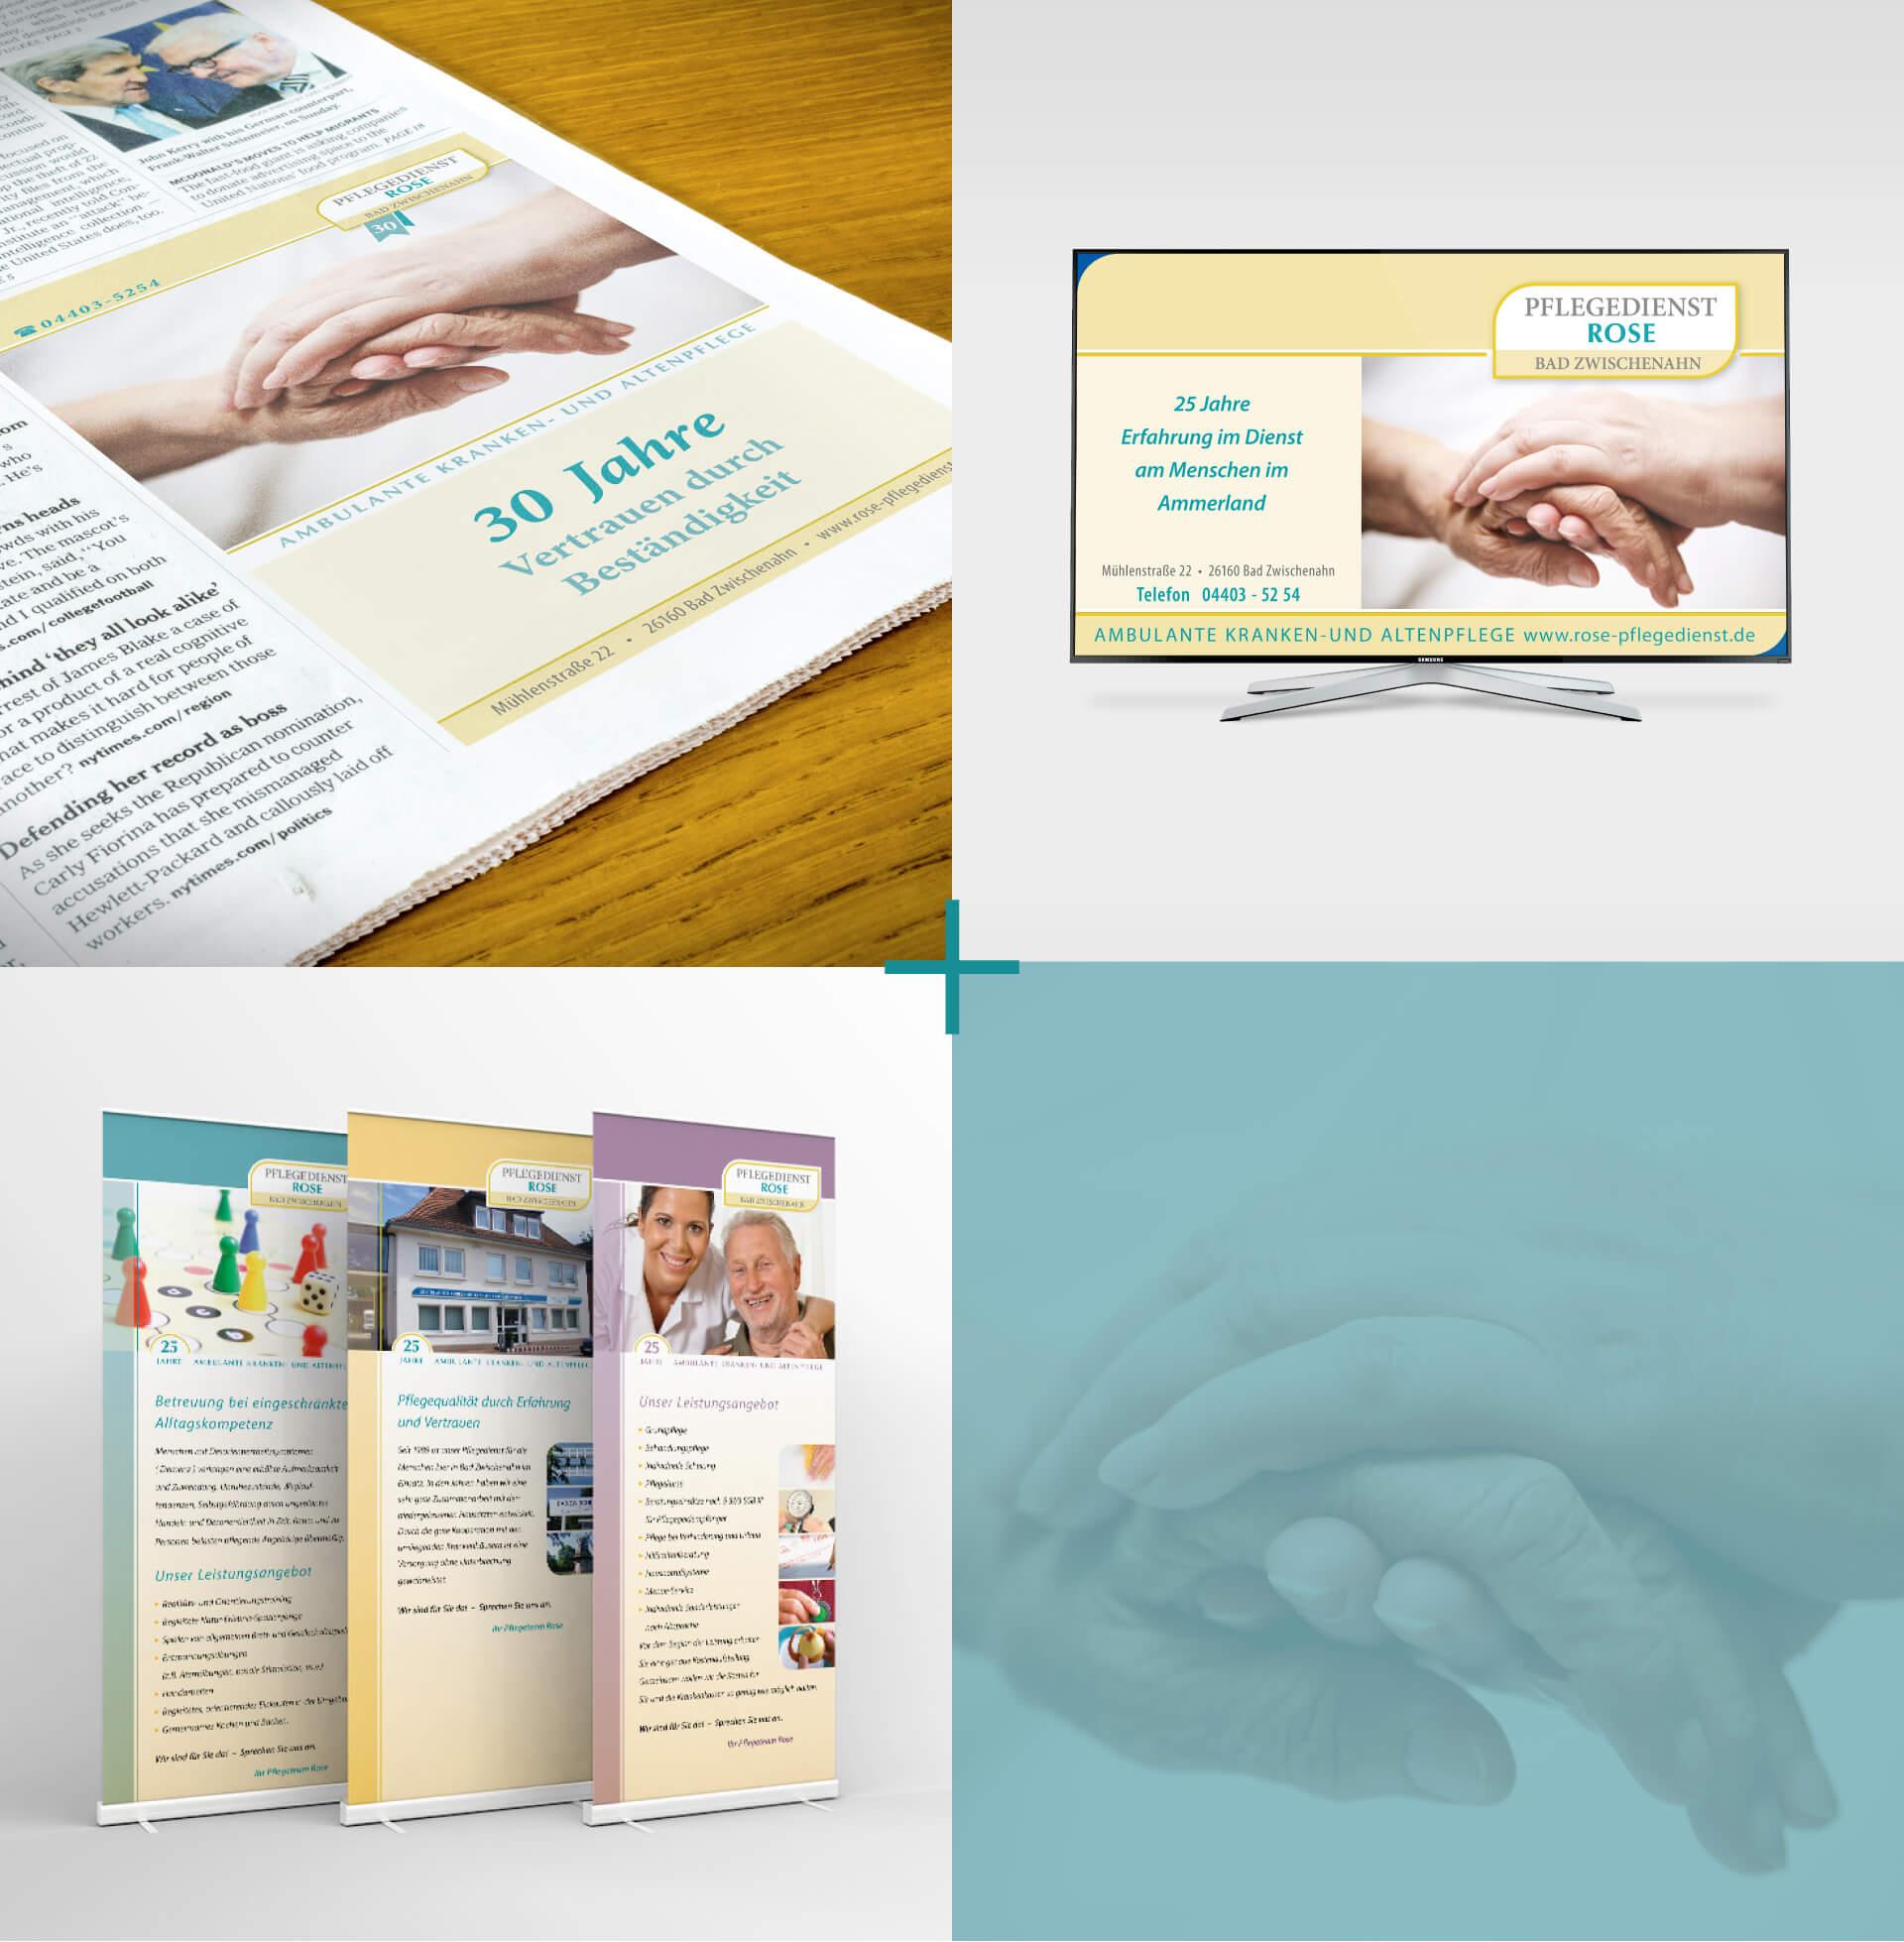 Pflegedienst Rose Bad Zwischenahn Zeitung Anzeige